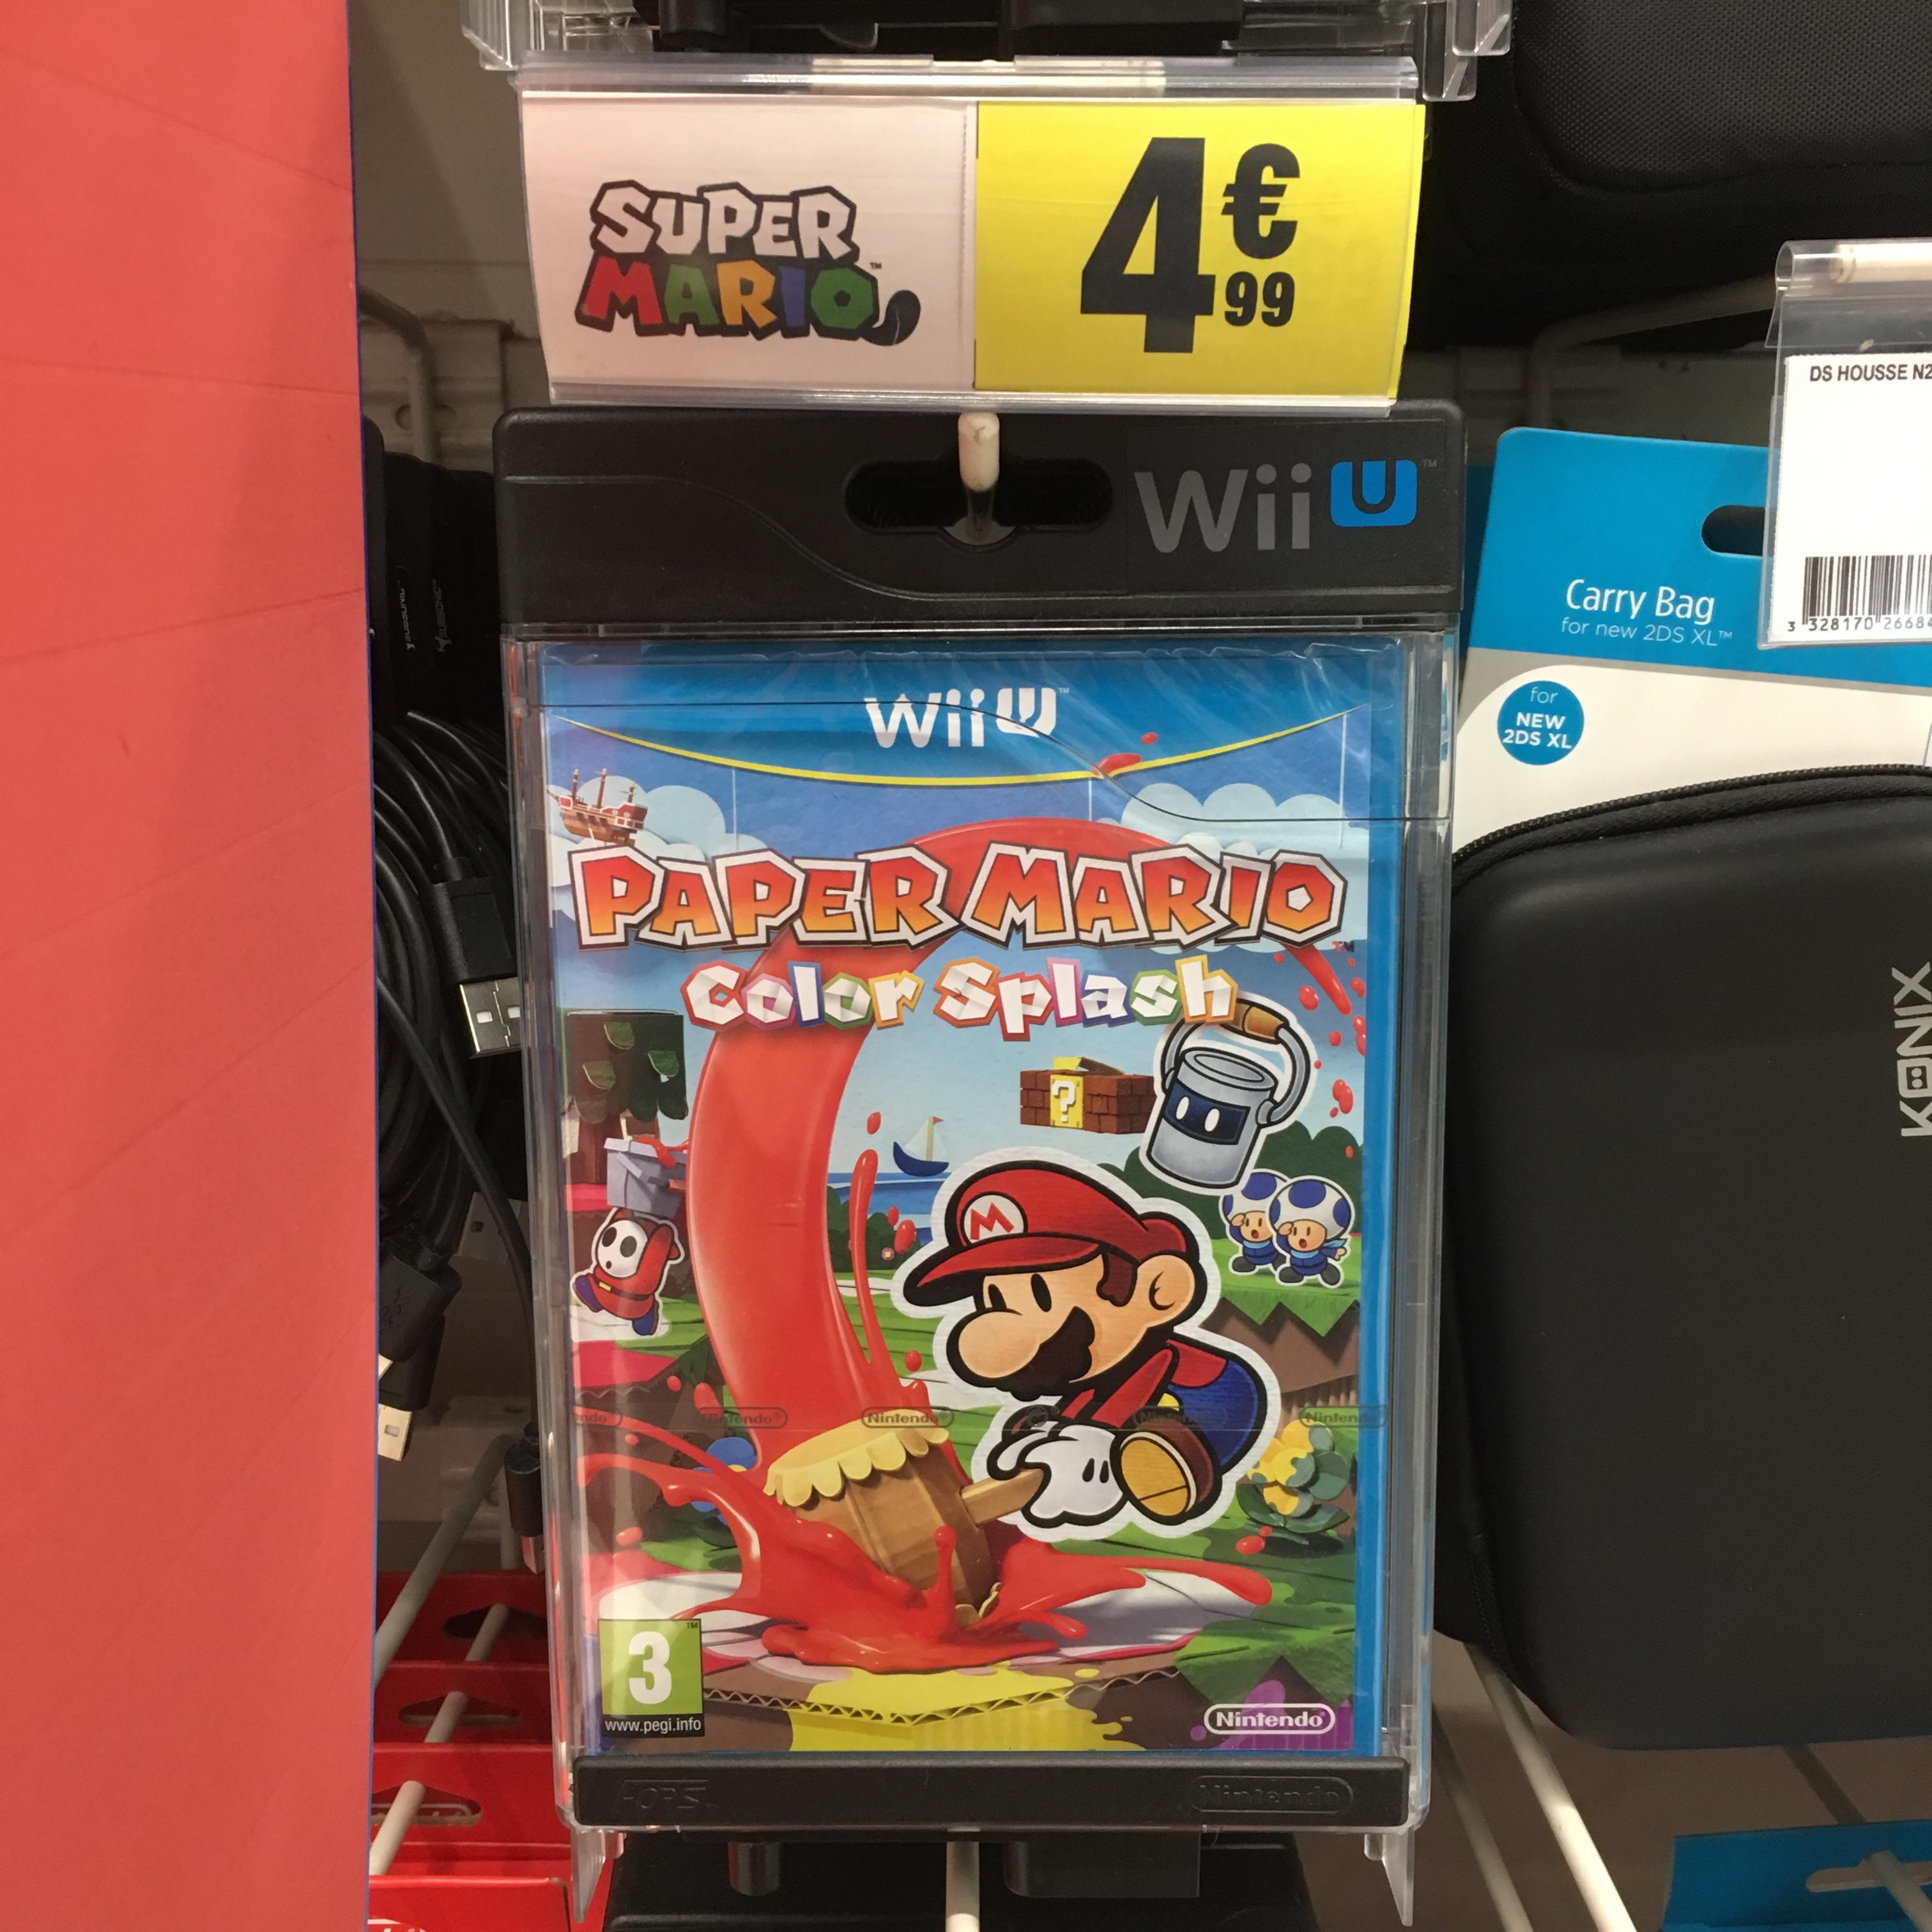 Paper Mario Color Splash sur Wii U - Cognac (16)